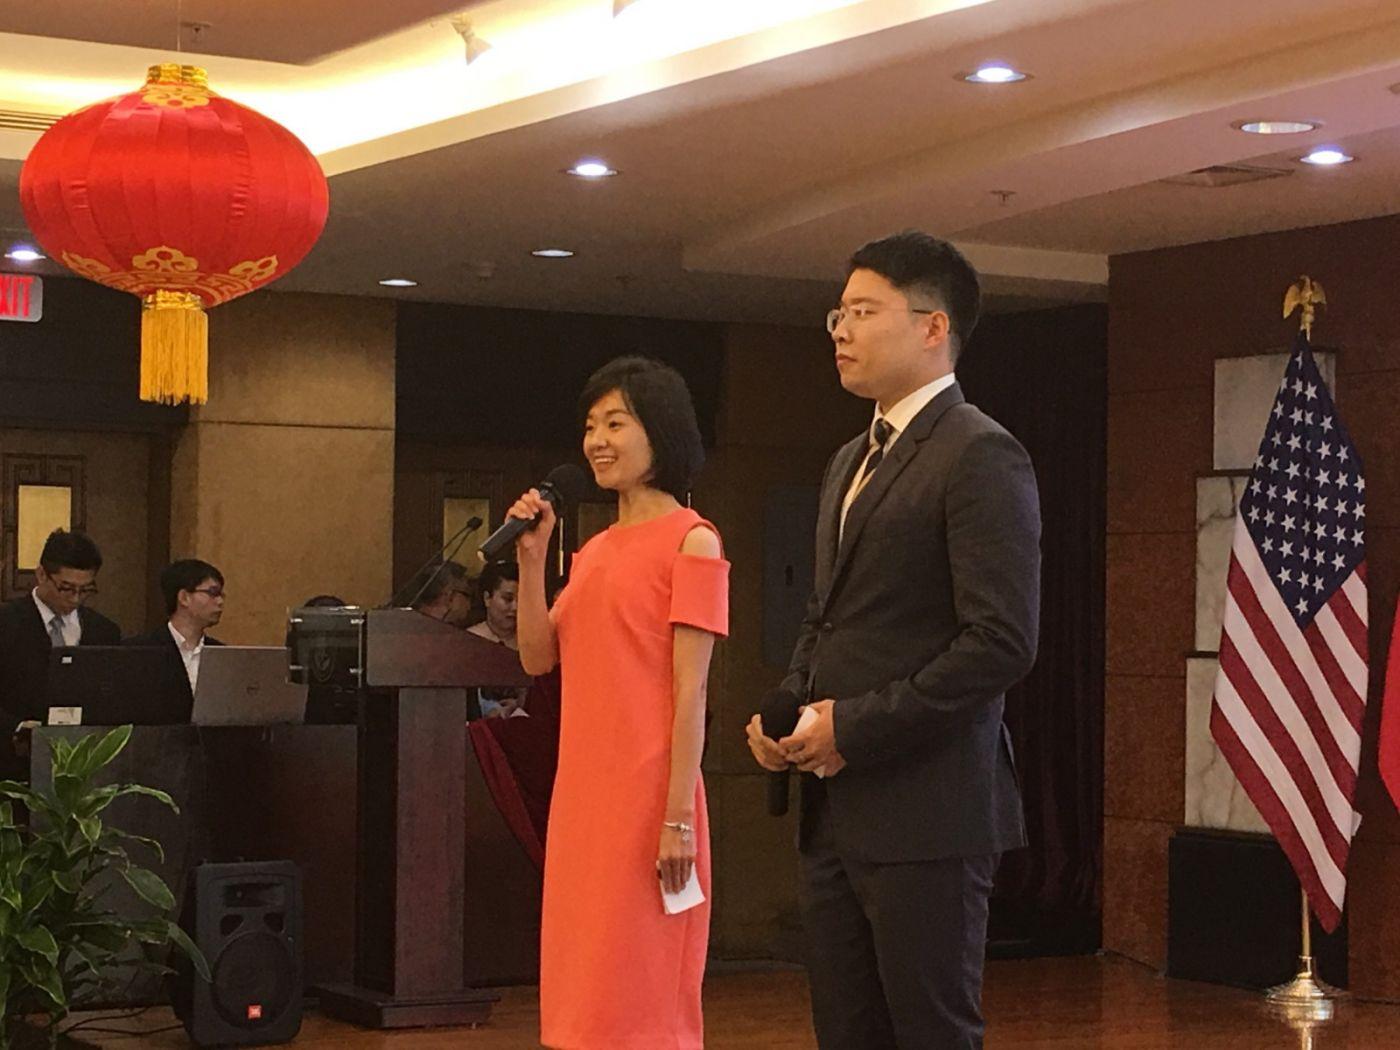 中国驻纽约总领事馆舉辦庆祝建国70周年招待會_图1-2